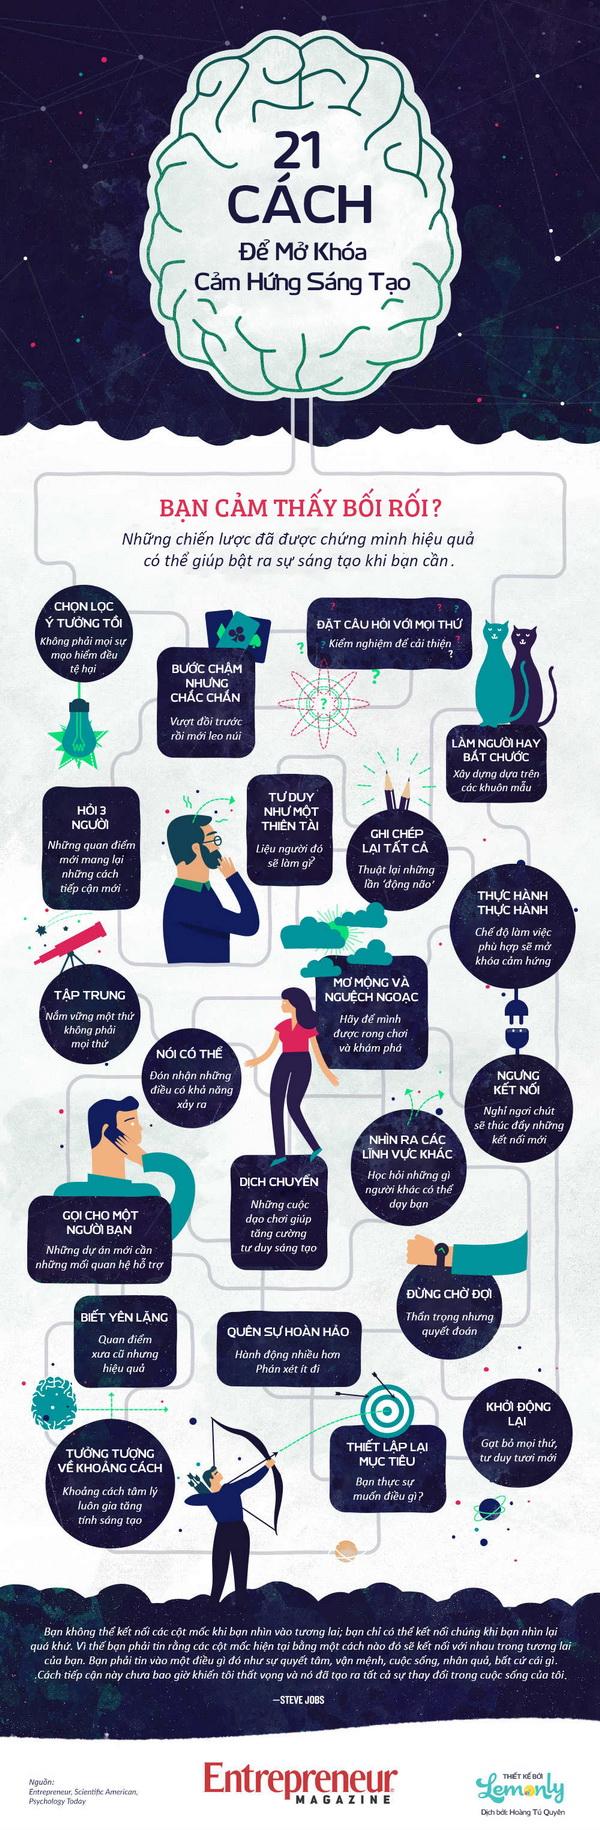 20+ bí quyết mở nguồn cảm hứng cho bạn